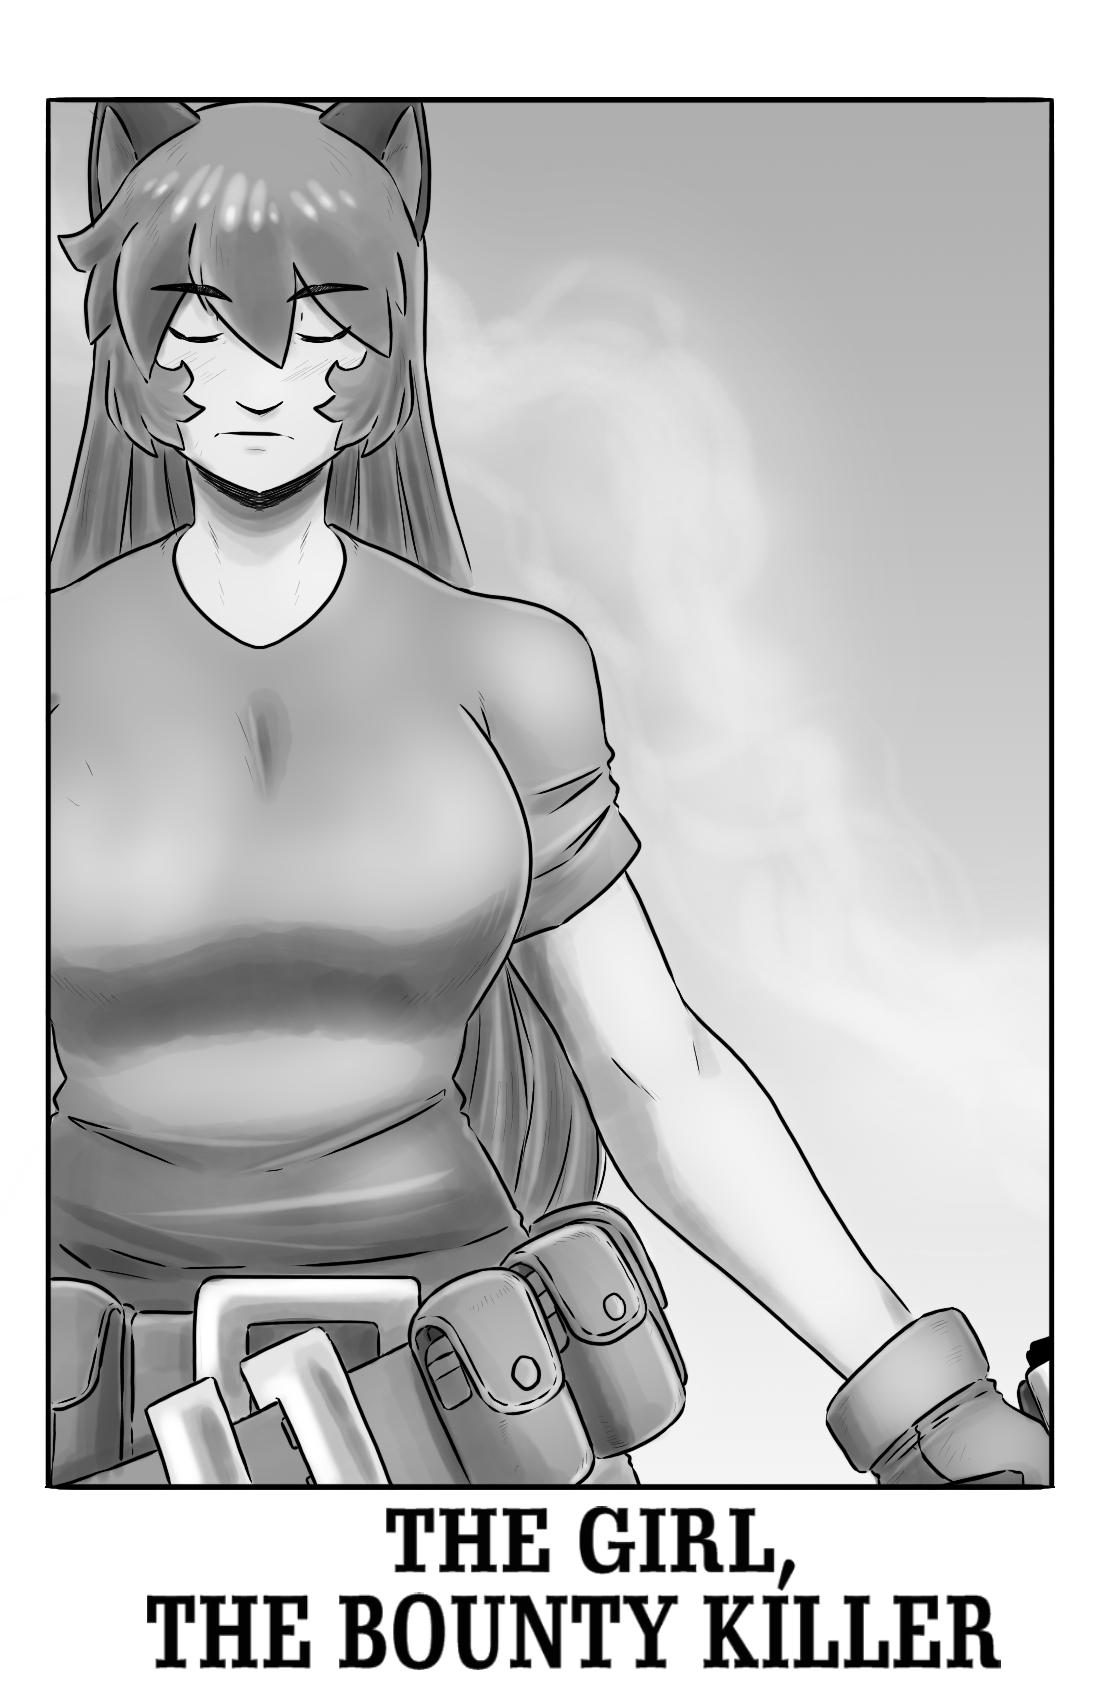 The Girl, The Bounty Killer pg.1